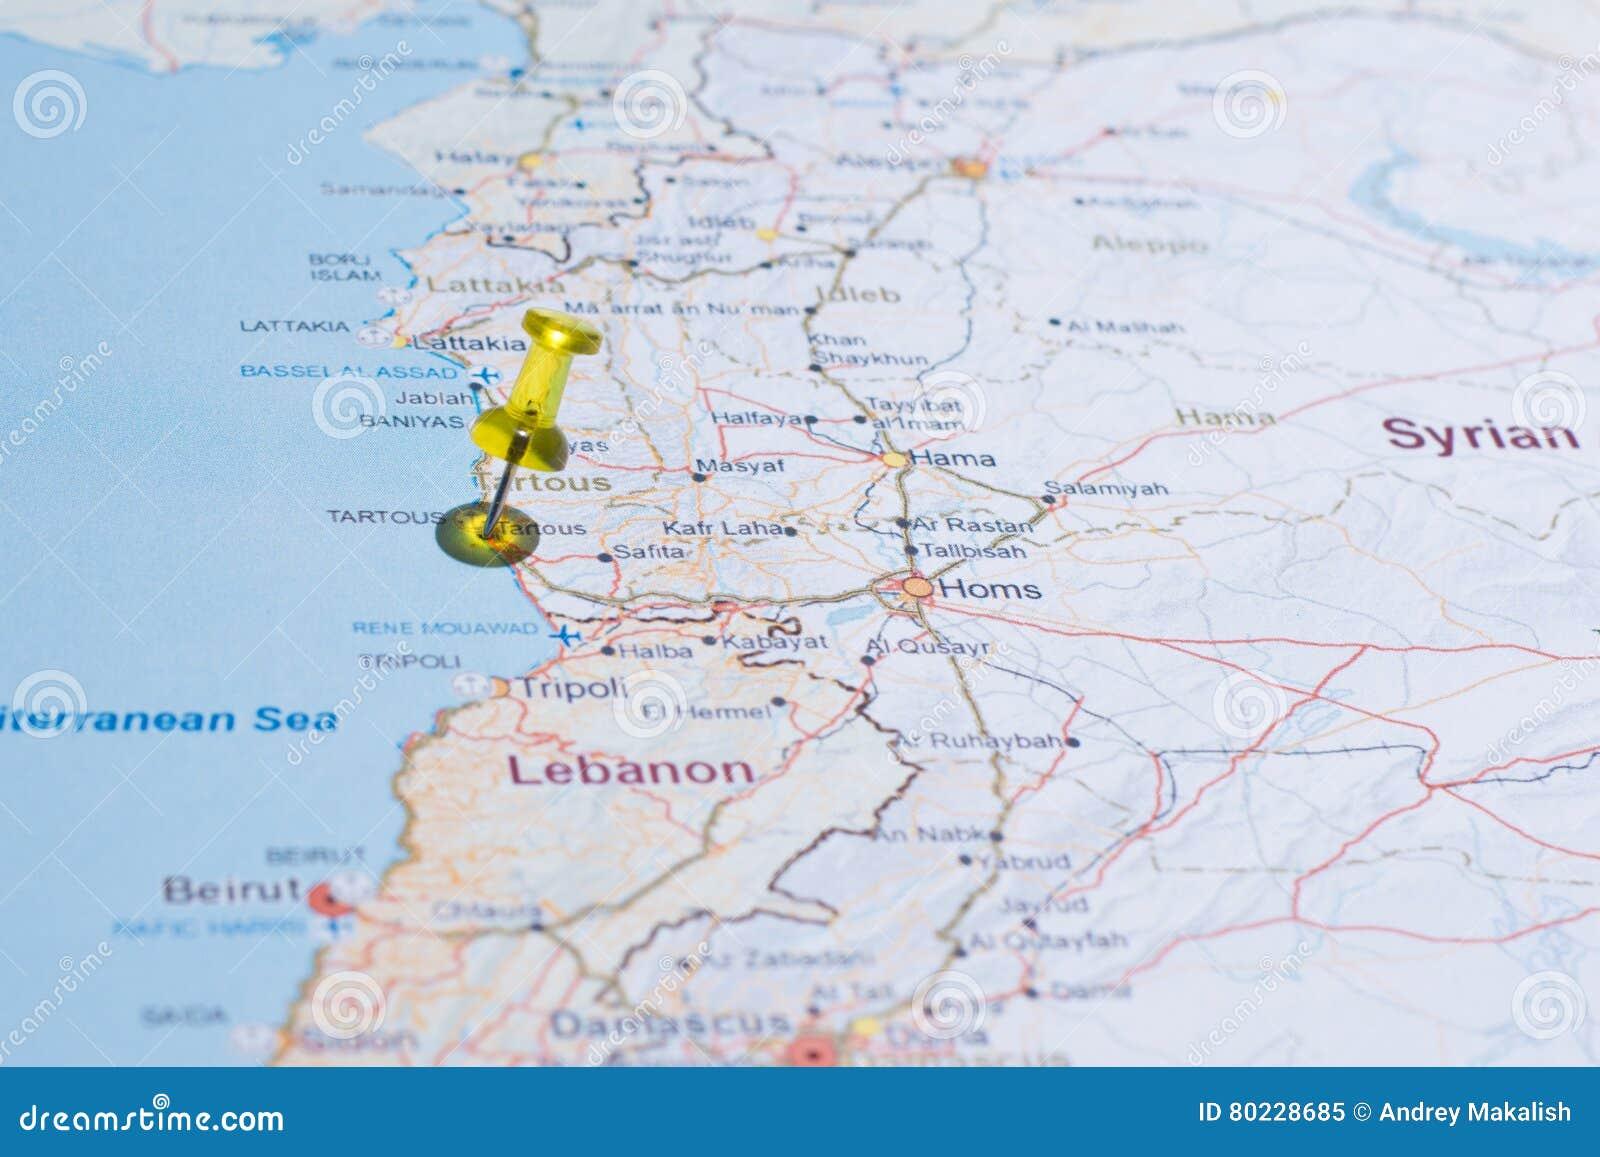 Syrien Karte 2016.Syrien Karte Mit Straßen Tsvaeta Rot Und Markiert Mit Einem Stift Im